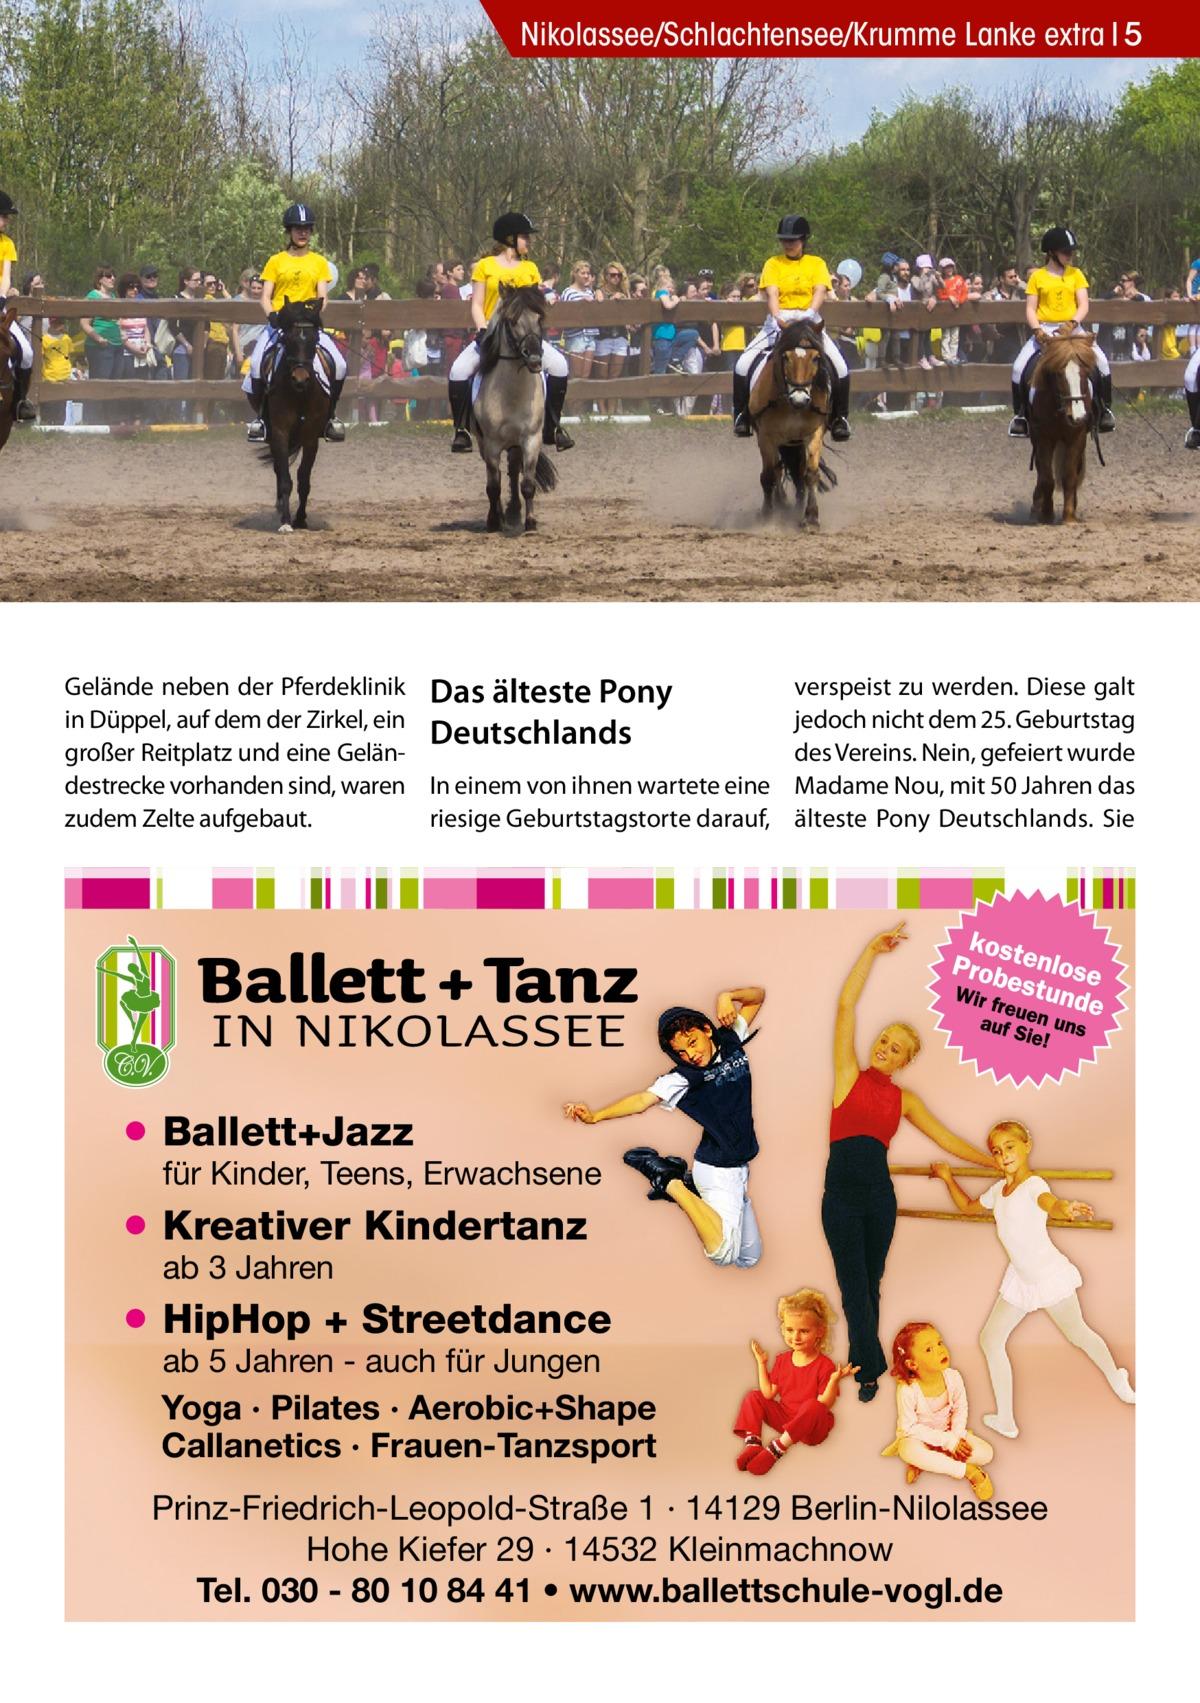 Nikolassee/Schlachtensee/Krumme Lanke extra 5  Gelände neben der Pferdeklinik Das älteste Pony in Düppel, auf dem der Zirkel, ein Deutschlands großer Reitplatz und eine Geländestrecke vorhanden sind, waren In einem von ihnen wartete eine riesige Geburtstagstorte darauf, zudem Zelte aufgebaut.  verspeist zu werden. Diese galt jedoch nicht dem 25. Geburtstag des Vereins. Nein, gefeiert wurde Madame Nou, mit 50 Jahren das älteste Pony Deutschlands. Sie  ● Ballett+Jazz  für Kinder, Teens, Erwachsene  ● Kreativer Kindertanz ab 3 Jahren  ● HipHop + Streetdance  ab 5 Jahren - auch für Jungen Yoga · Pilates · Aerobic+Shape Callanetics · Frauen-Tanzsport  Prinz-Friedrich-Leopold-Straße 1 · 14129 Berlin-Nilolassee Hohe Kiefer 29 · 14532 Kleinmachnow Tel. 030 - 80 10 84 41 • www.ballettschule-vogl.de